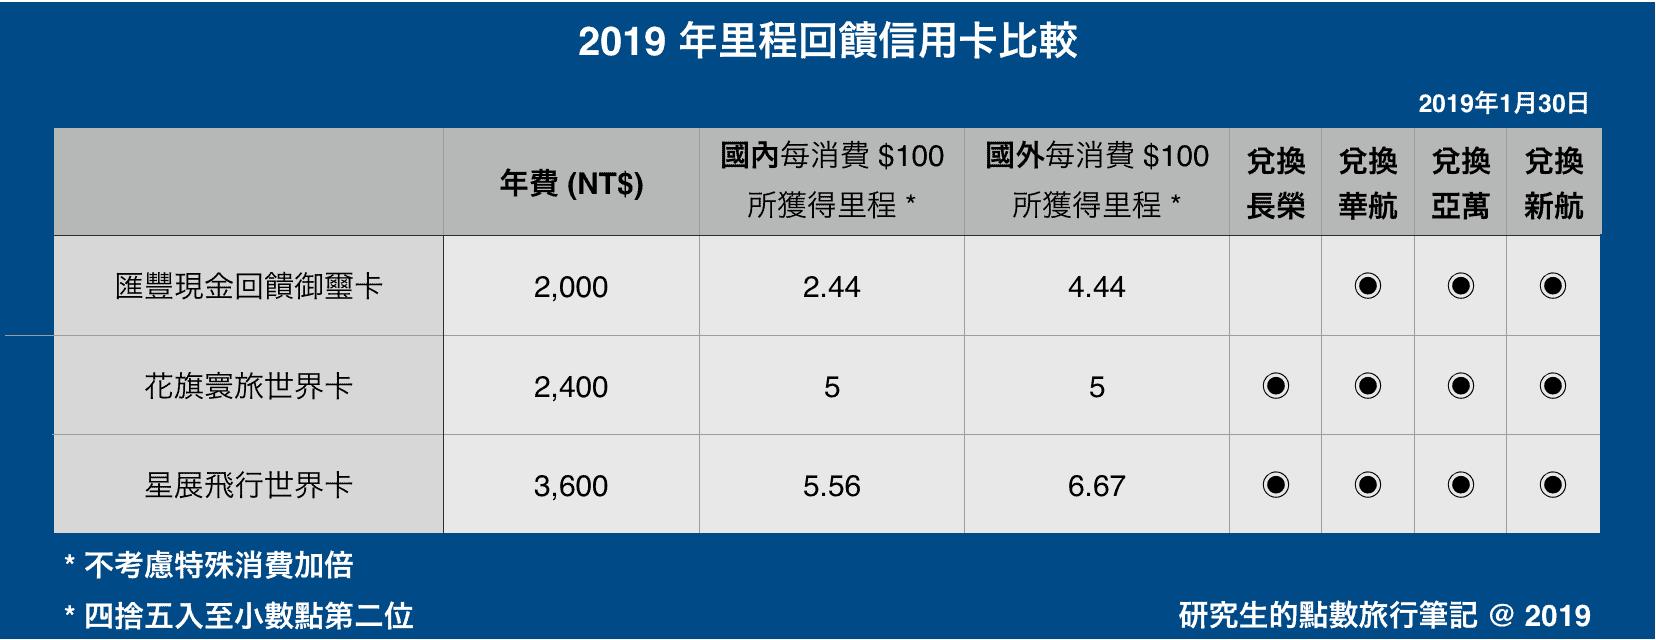 2019 年里程回饋信用卡比較 - 研究生的點數旅行筆記